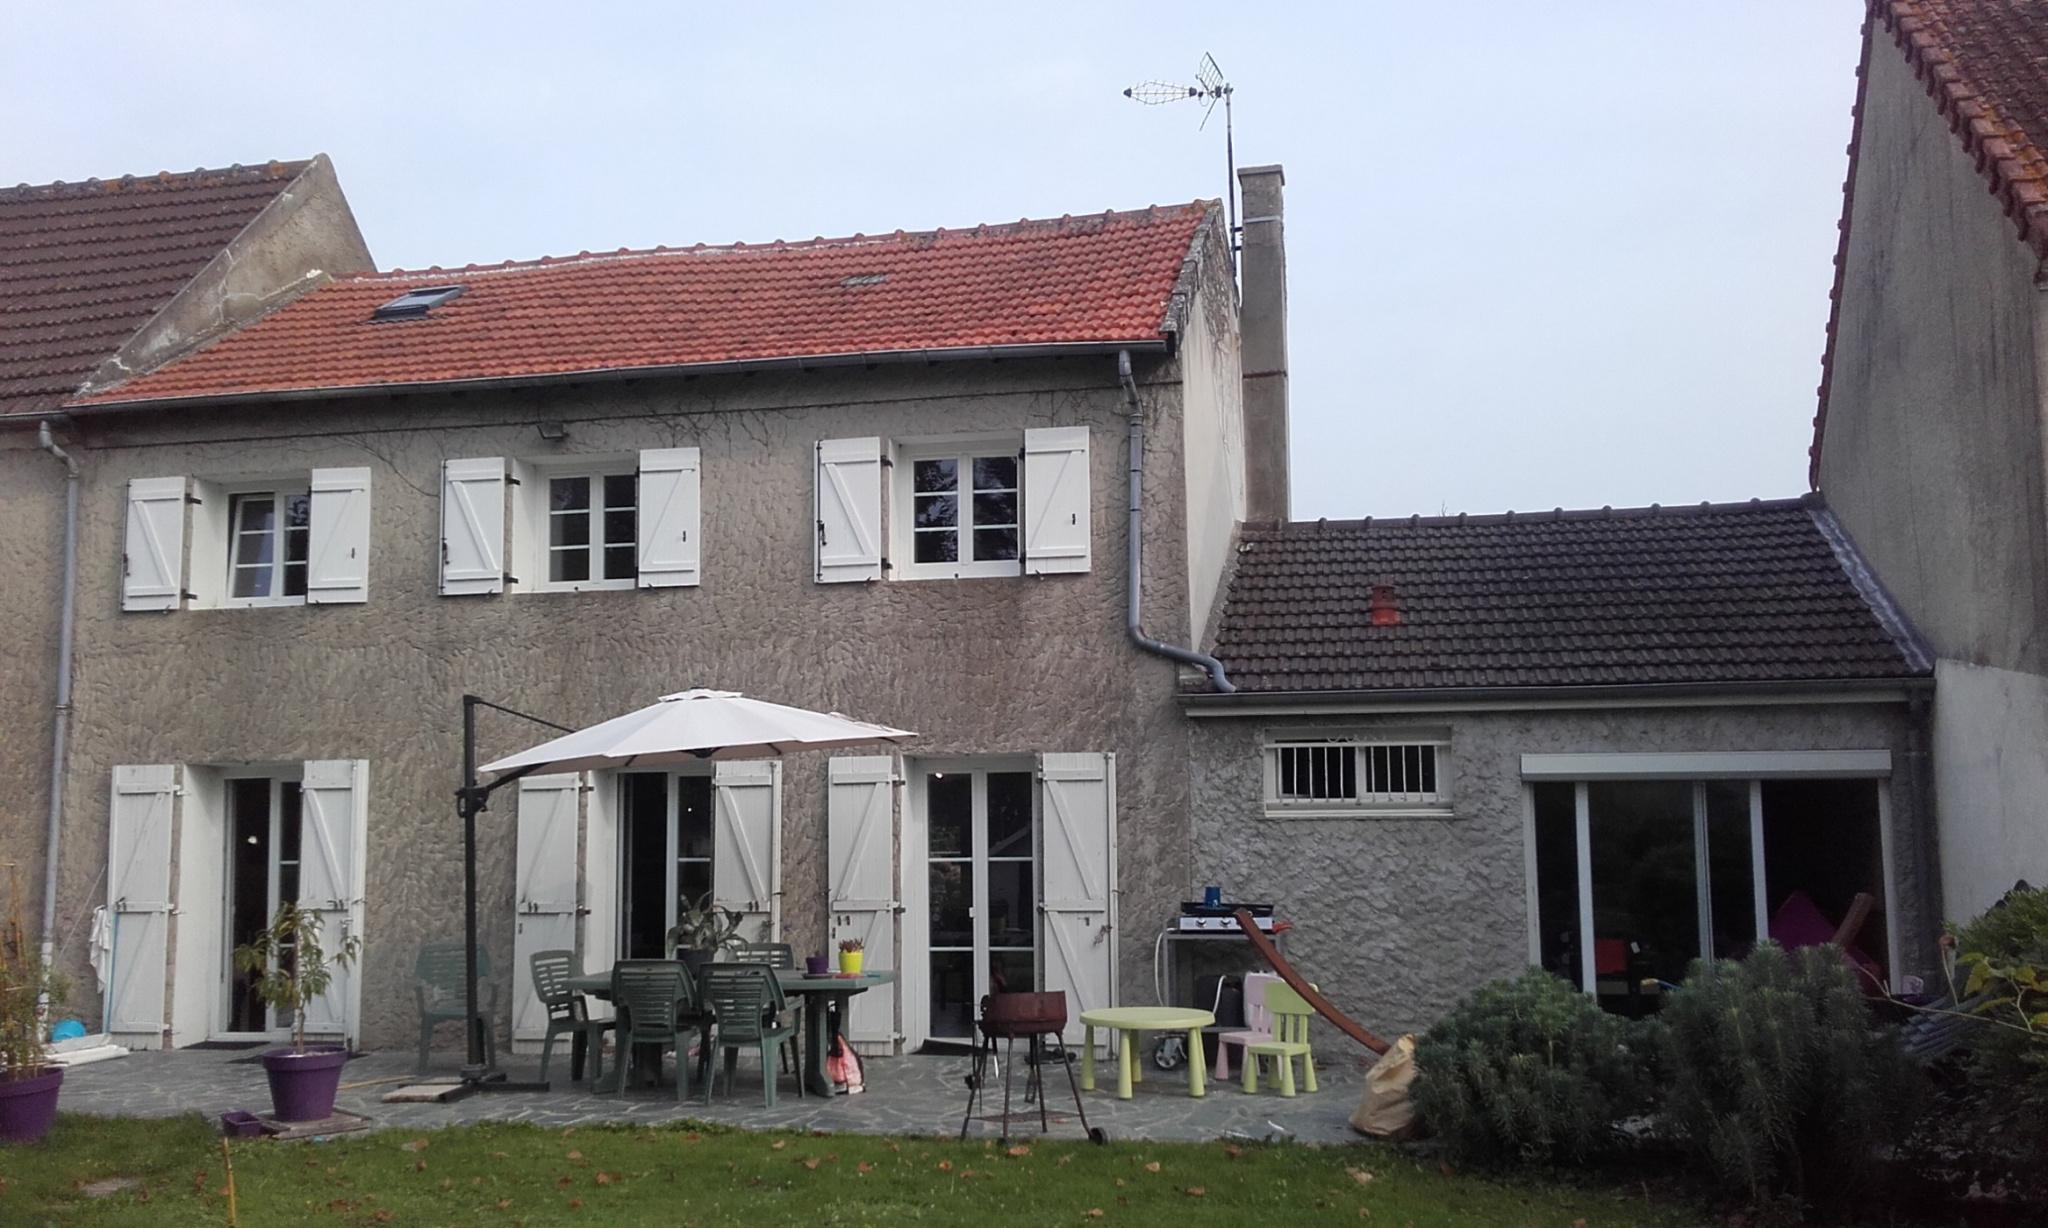 Annonce Vente Maison Le Plessis aux Bois (77165) 130 m u00b2 (289 000 u20ac) 992740263850 # Le Plessis Aux Bois